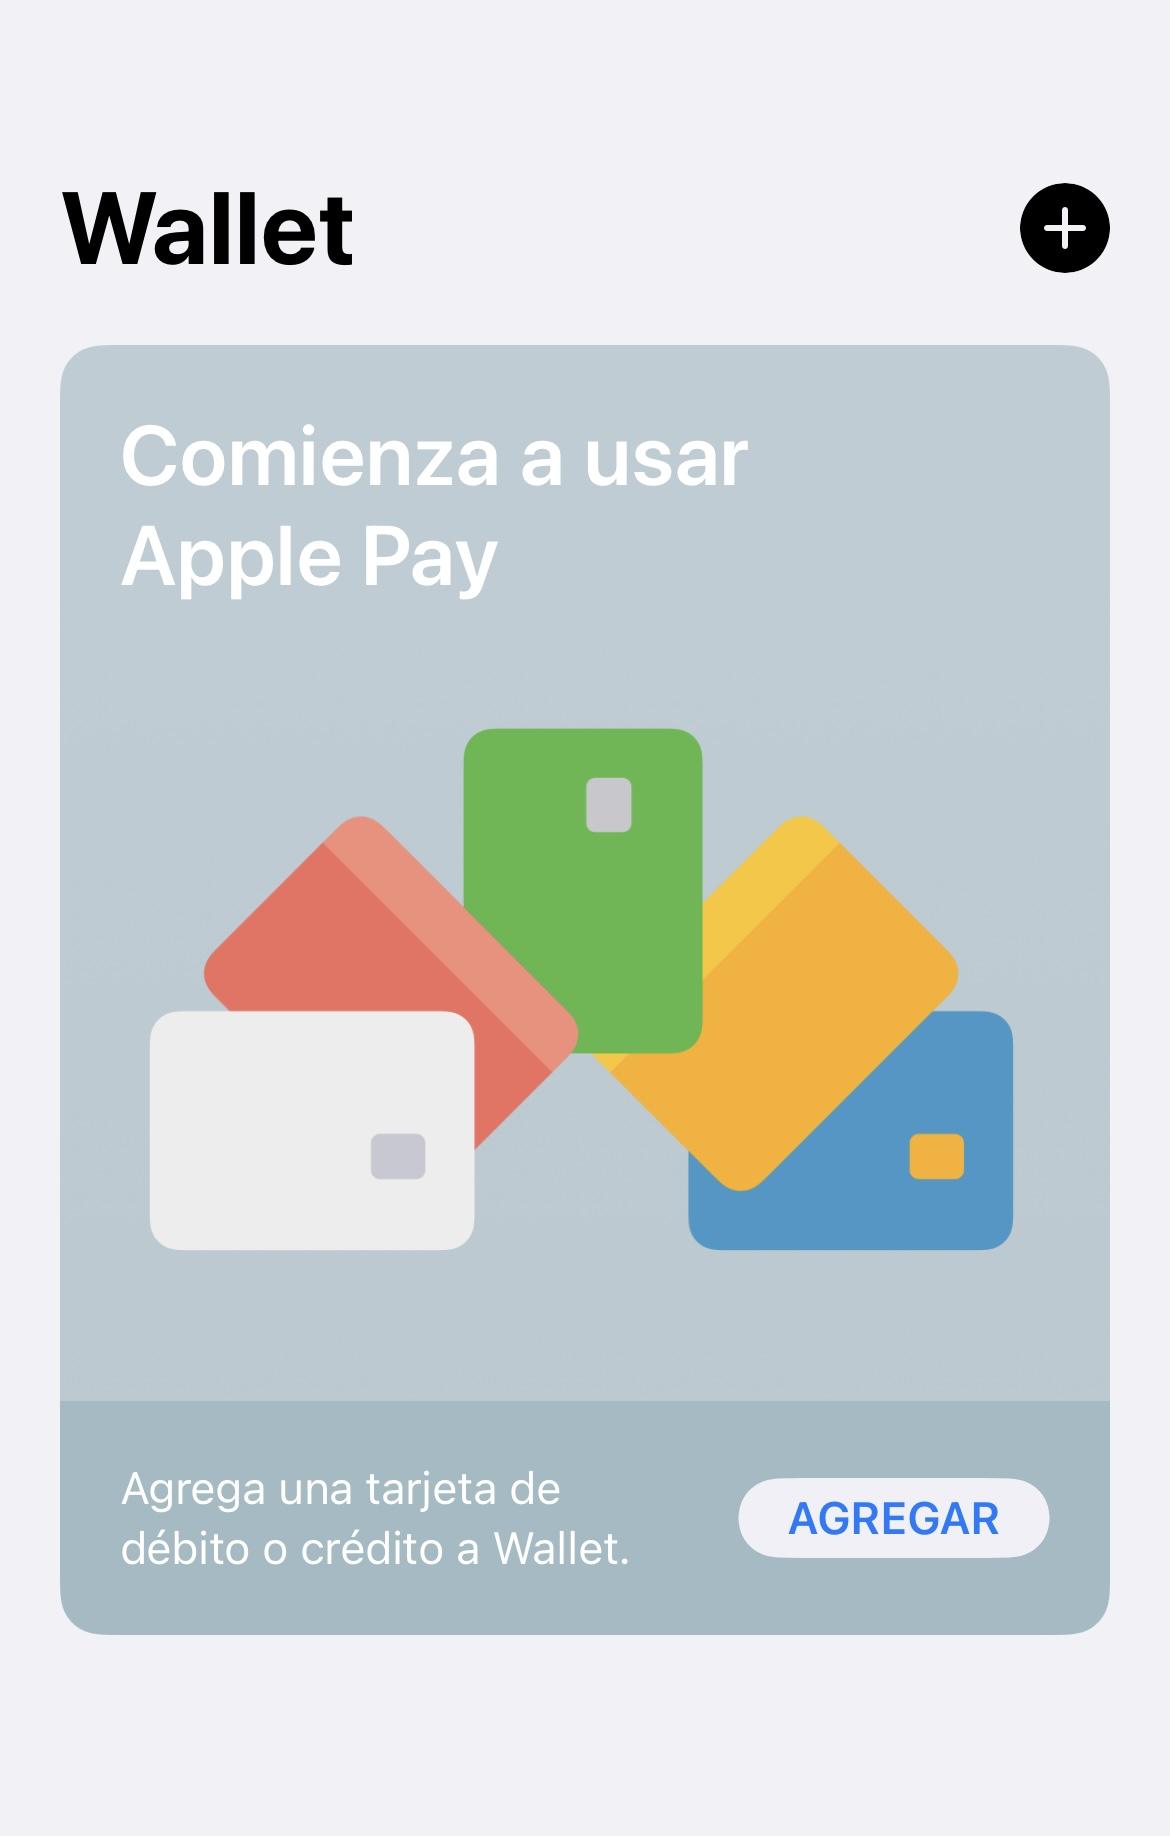 Apple Pay llega a México:  ¿Cómo funciona y cómo puedo empezar a usarlo?